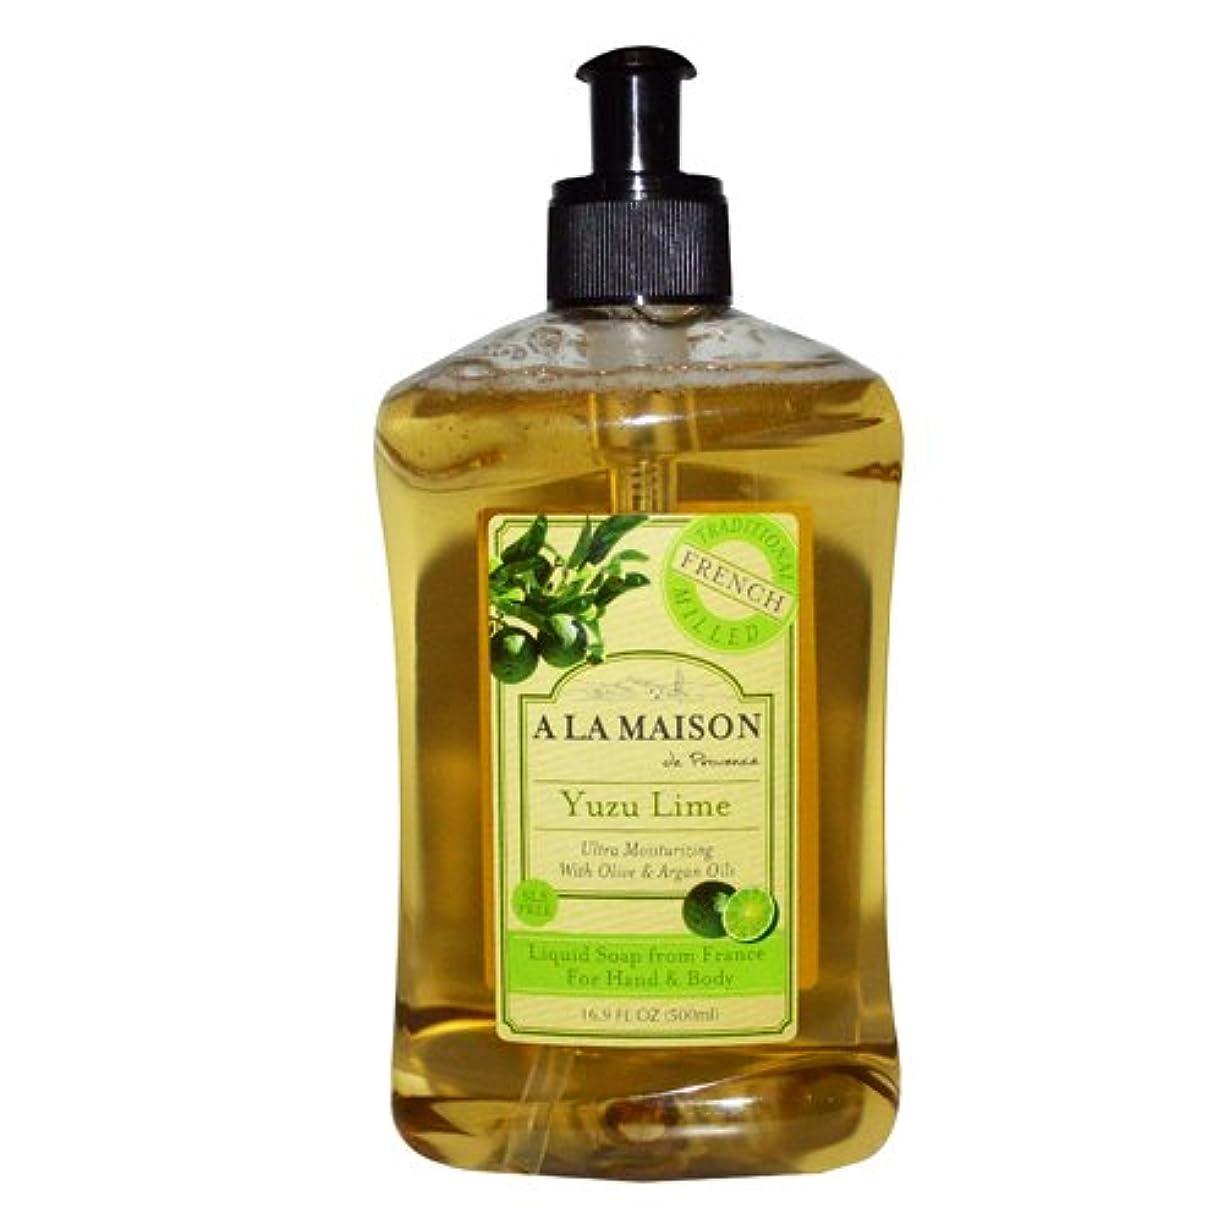 葉巻失敗かごA La Maison de Provence, Hand & Body Liquid Soap, Yuzu Lime, 16.9 fl oz (500 ml)